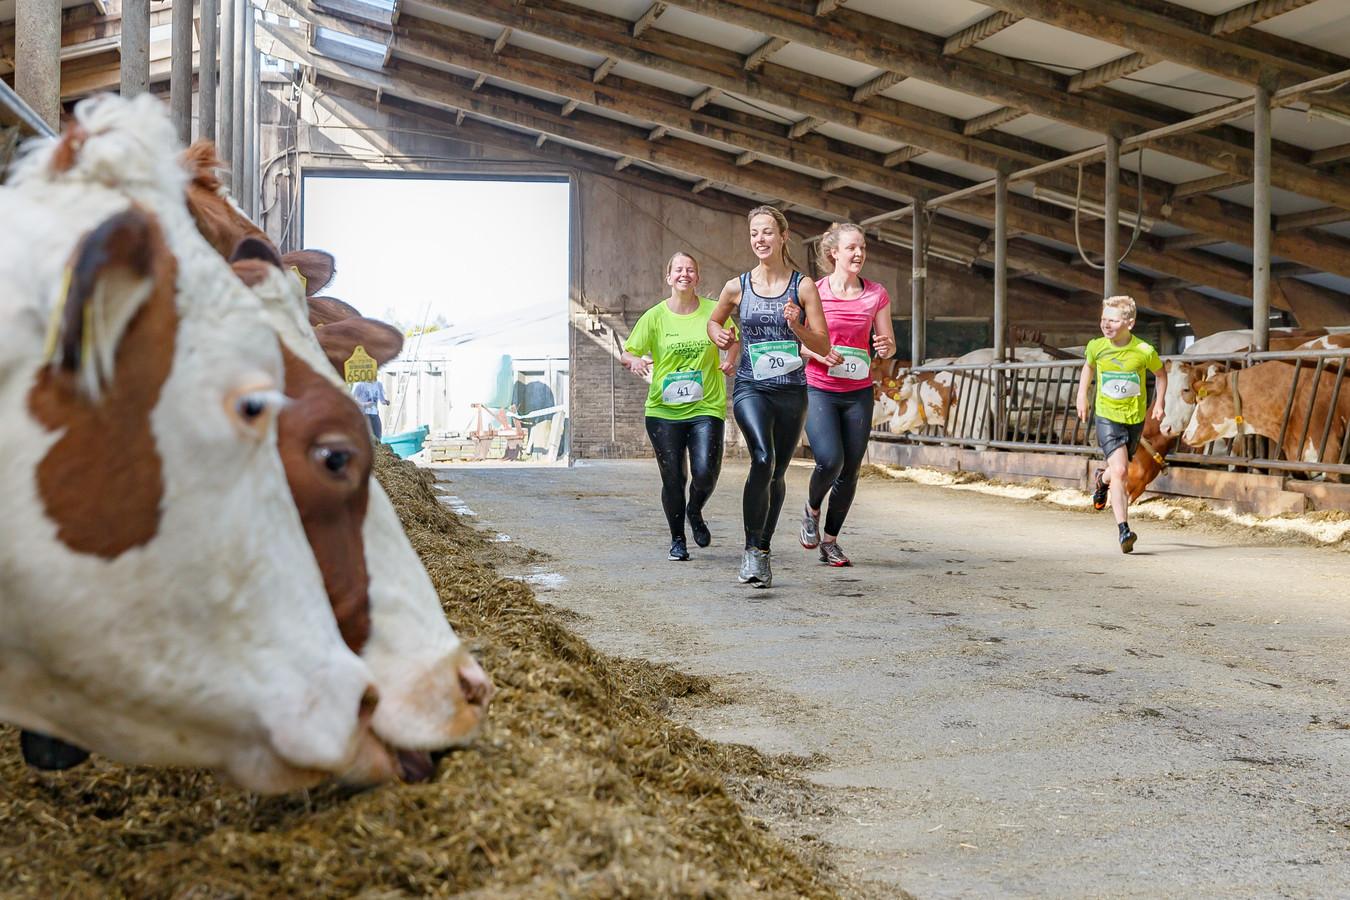 Deelnemers door de stal waar men letterlijk en figuurlijk leert kennismaken met 'boerenbedrijf'. Studenten van Terra MBO organiseren in samenwerking met Aeres Hogeschool, een Mud-run op de Maargies Hoeve te Kallenkote.